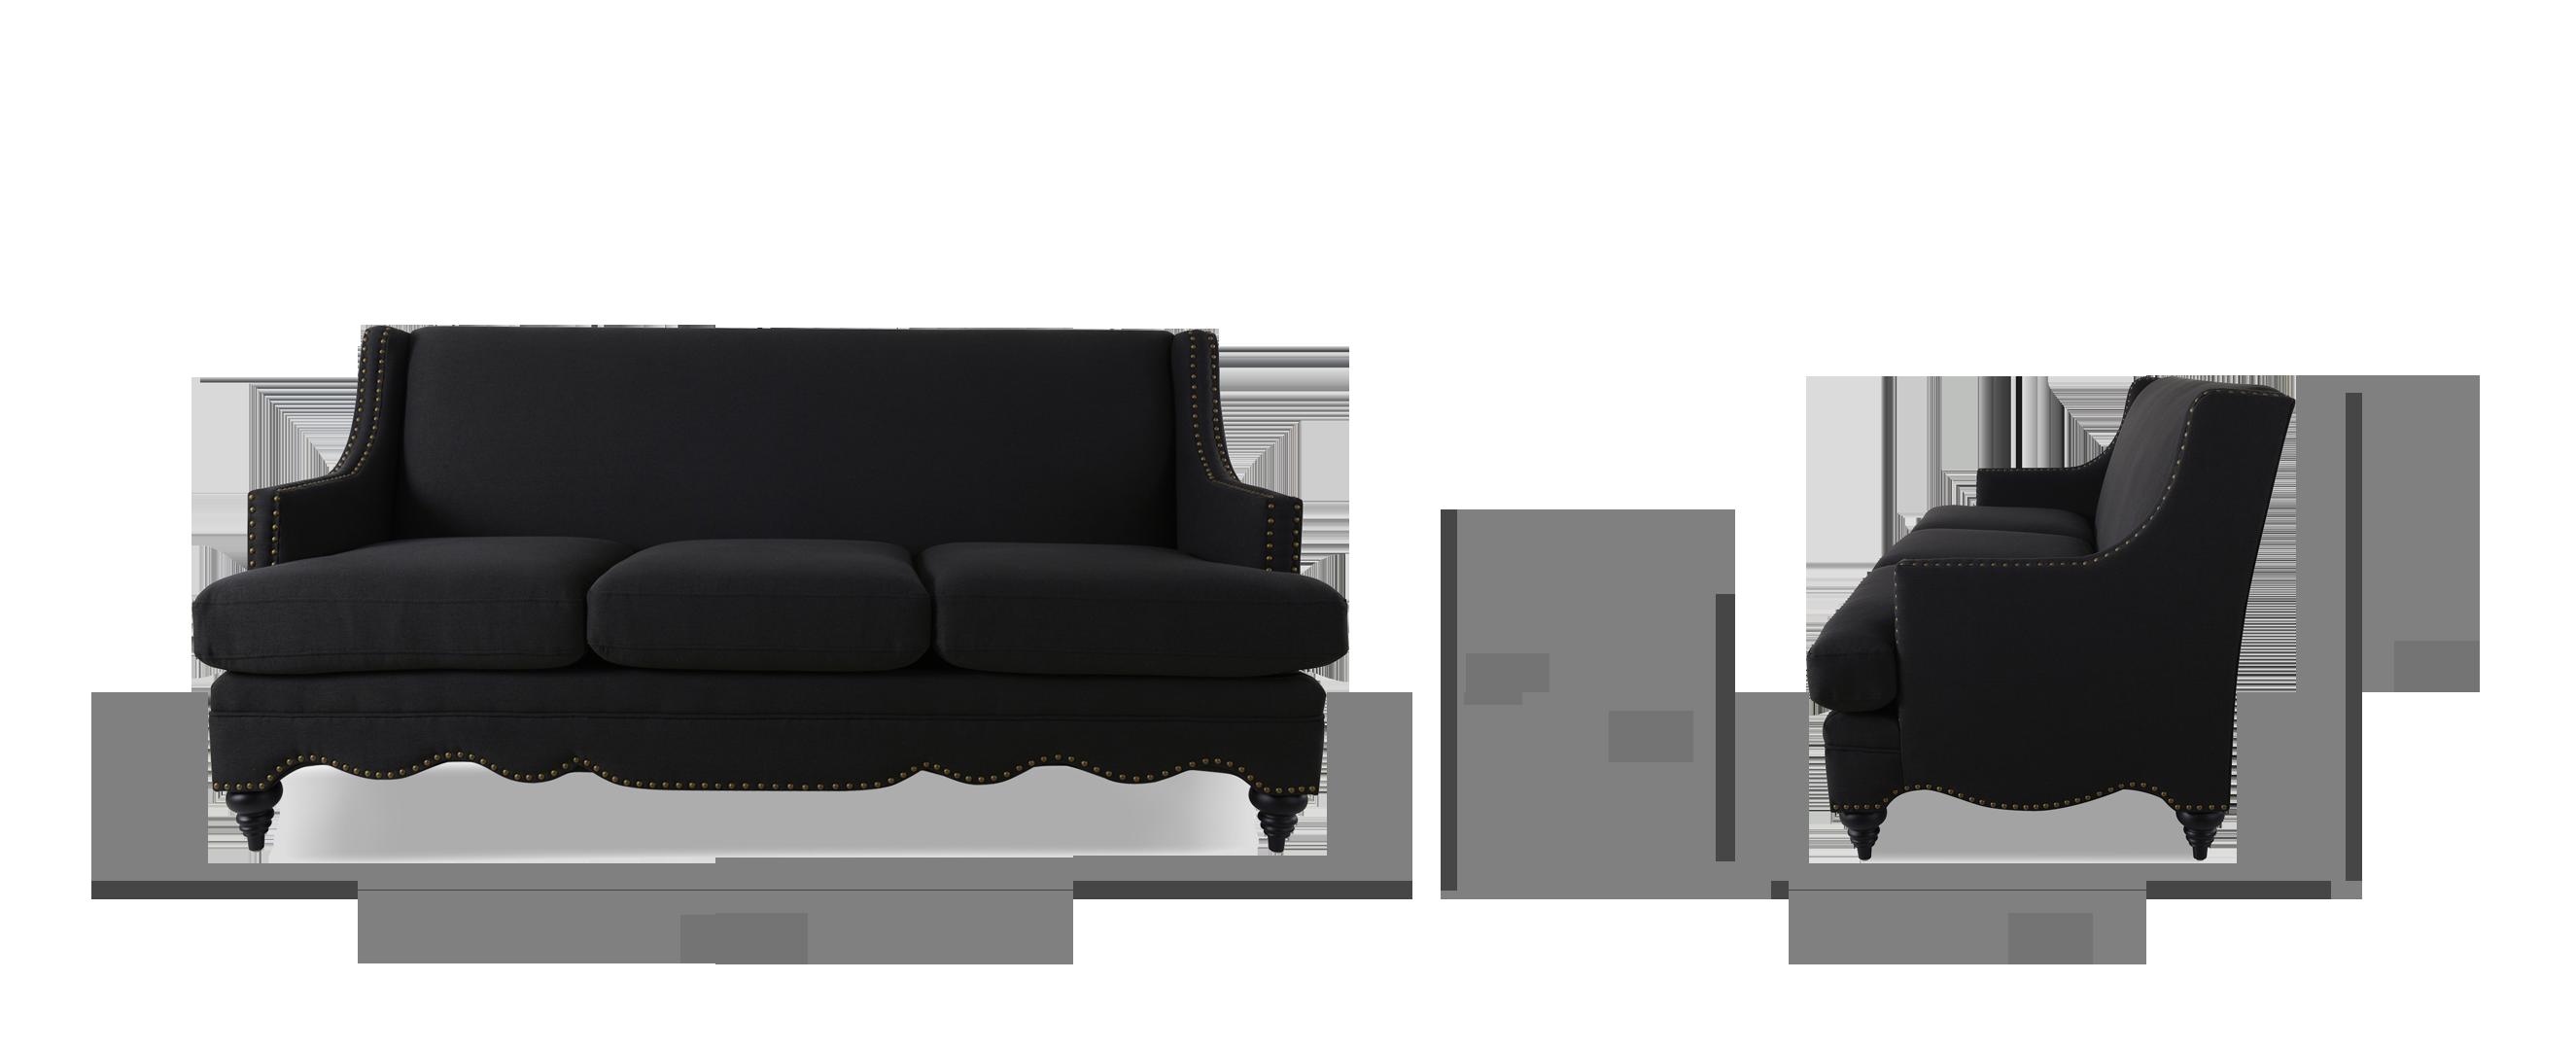 Marisole Recessed Sofa